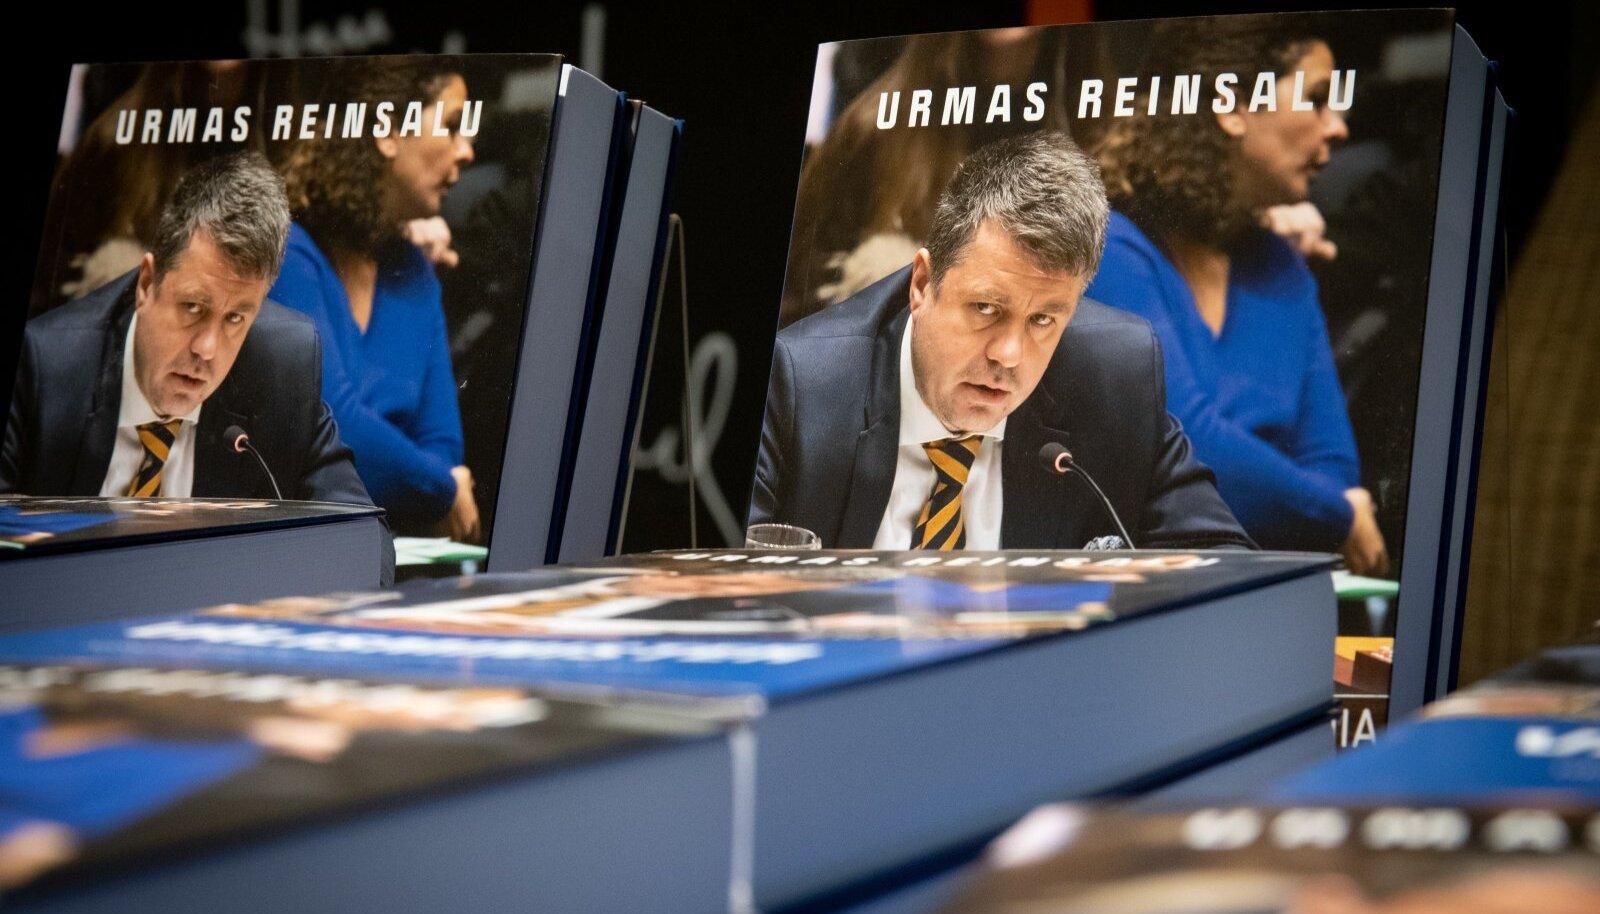 """Urmas Reinsalu raamatu """"Välisminister"""" esitlus"""